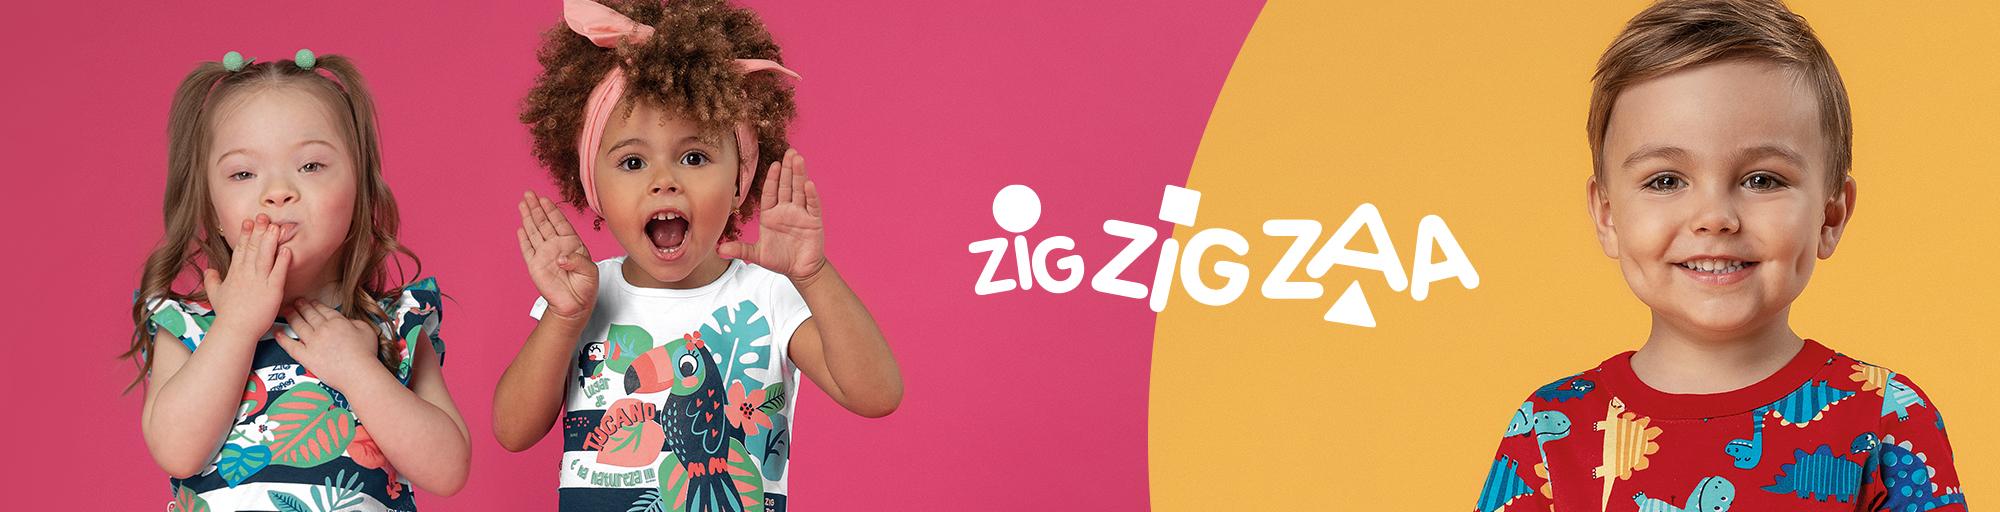 Banner zig-zig-zaa